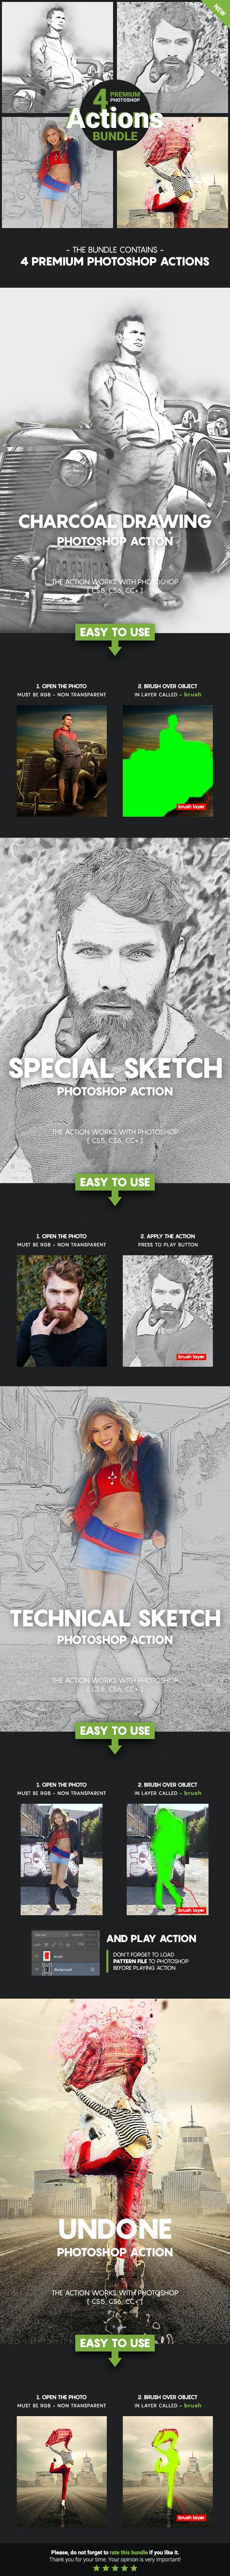 4 Premium Photoshop Actions Bundle - Feb19 #2 - Photo Effects Actions